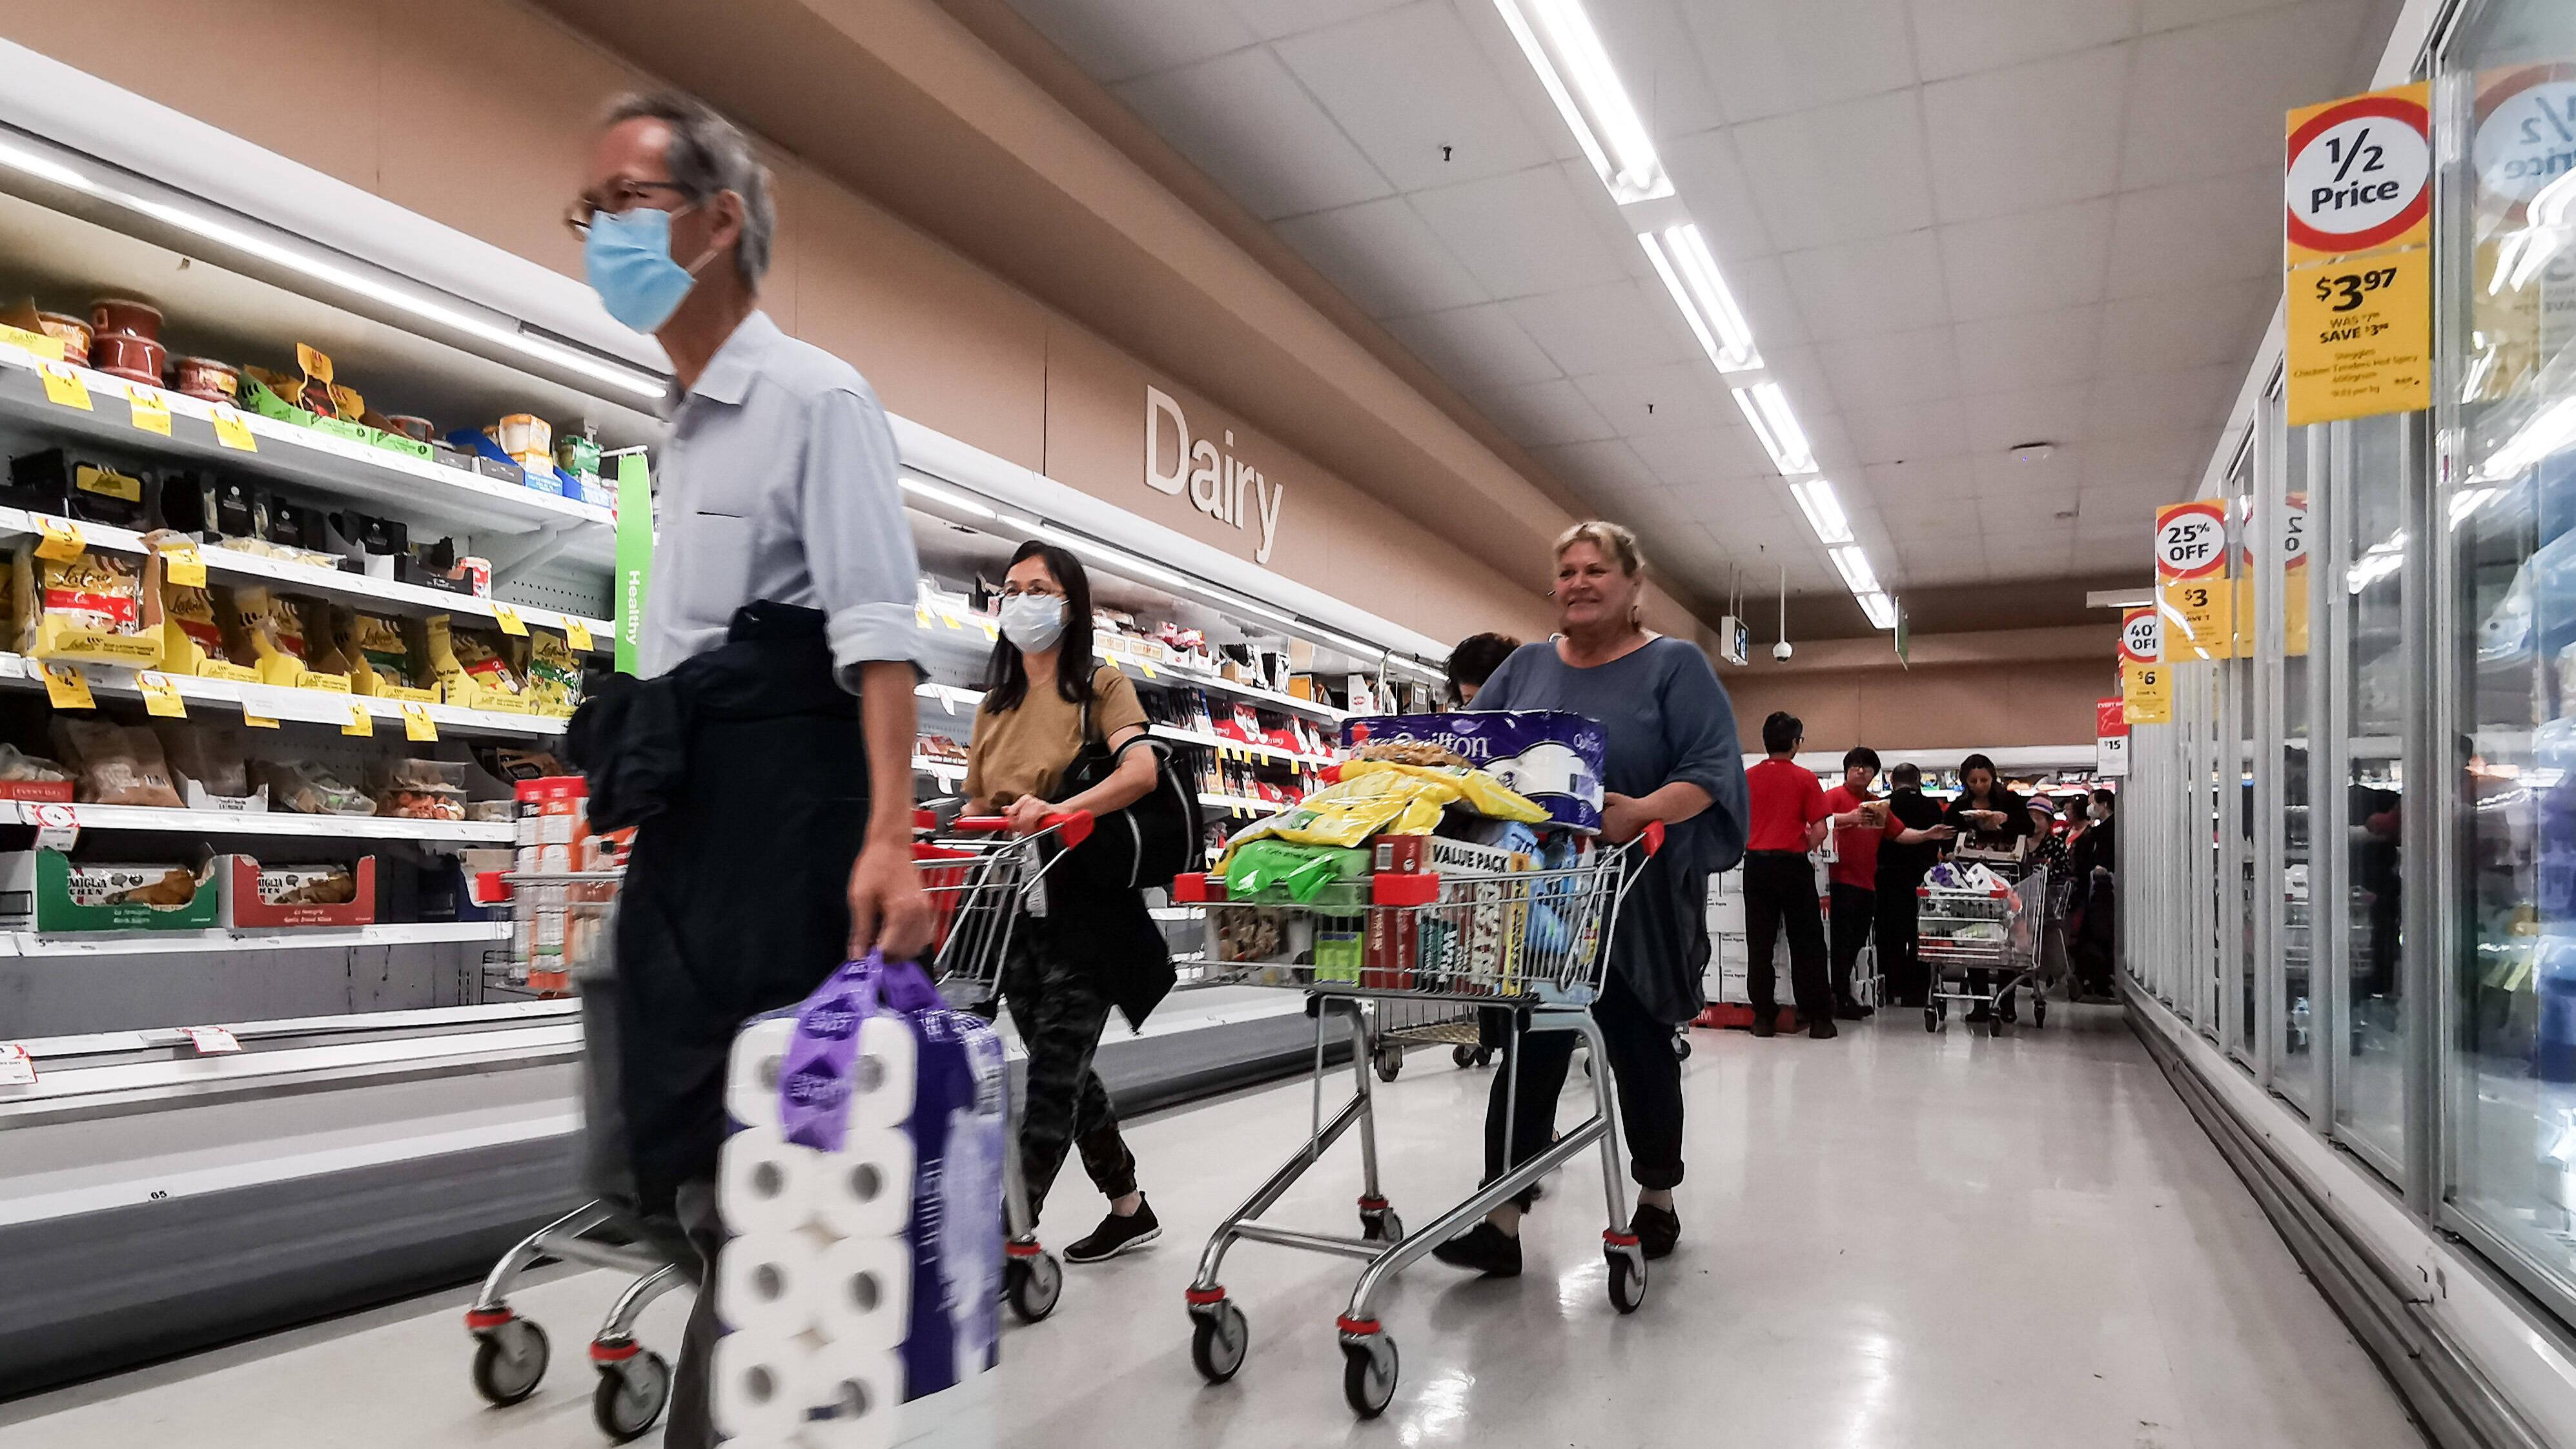 Genialer Trick: So wählen Sie die kürzeste Warteschlange im Supermarkt